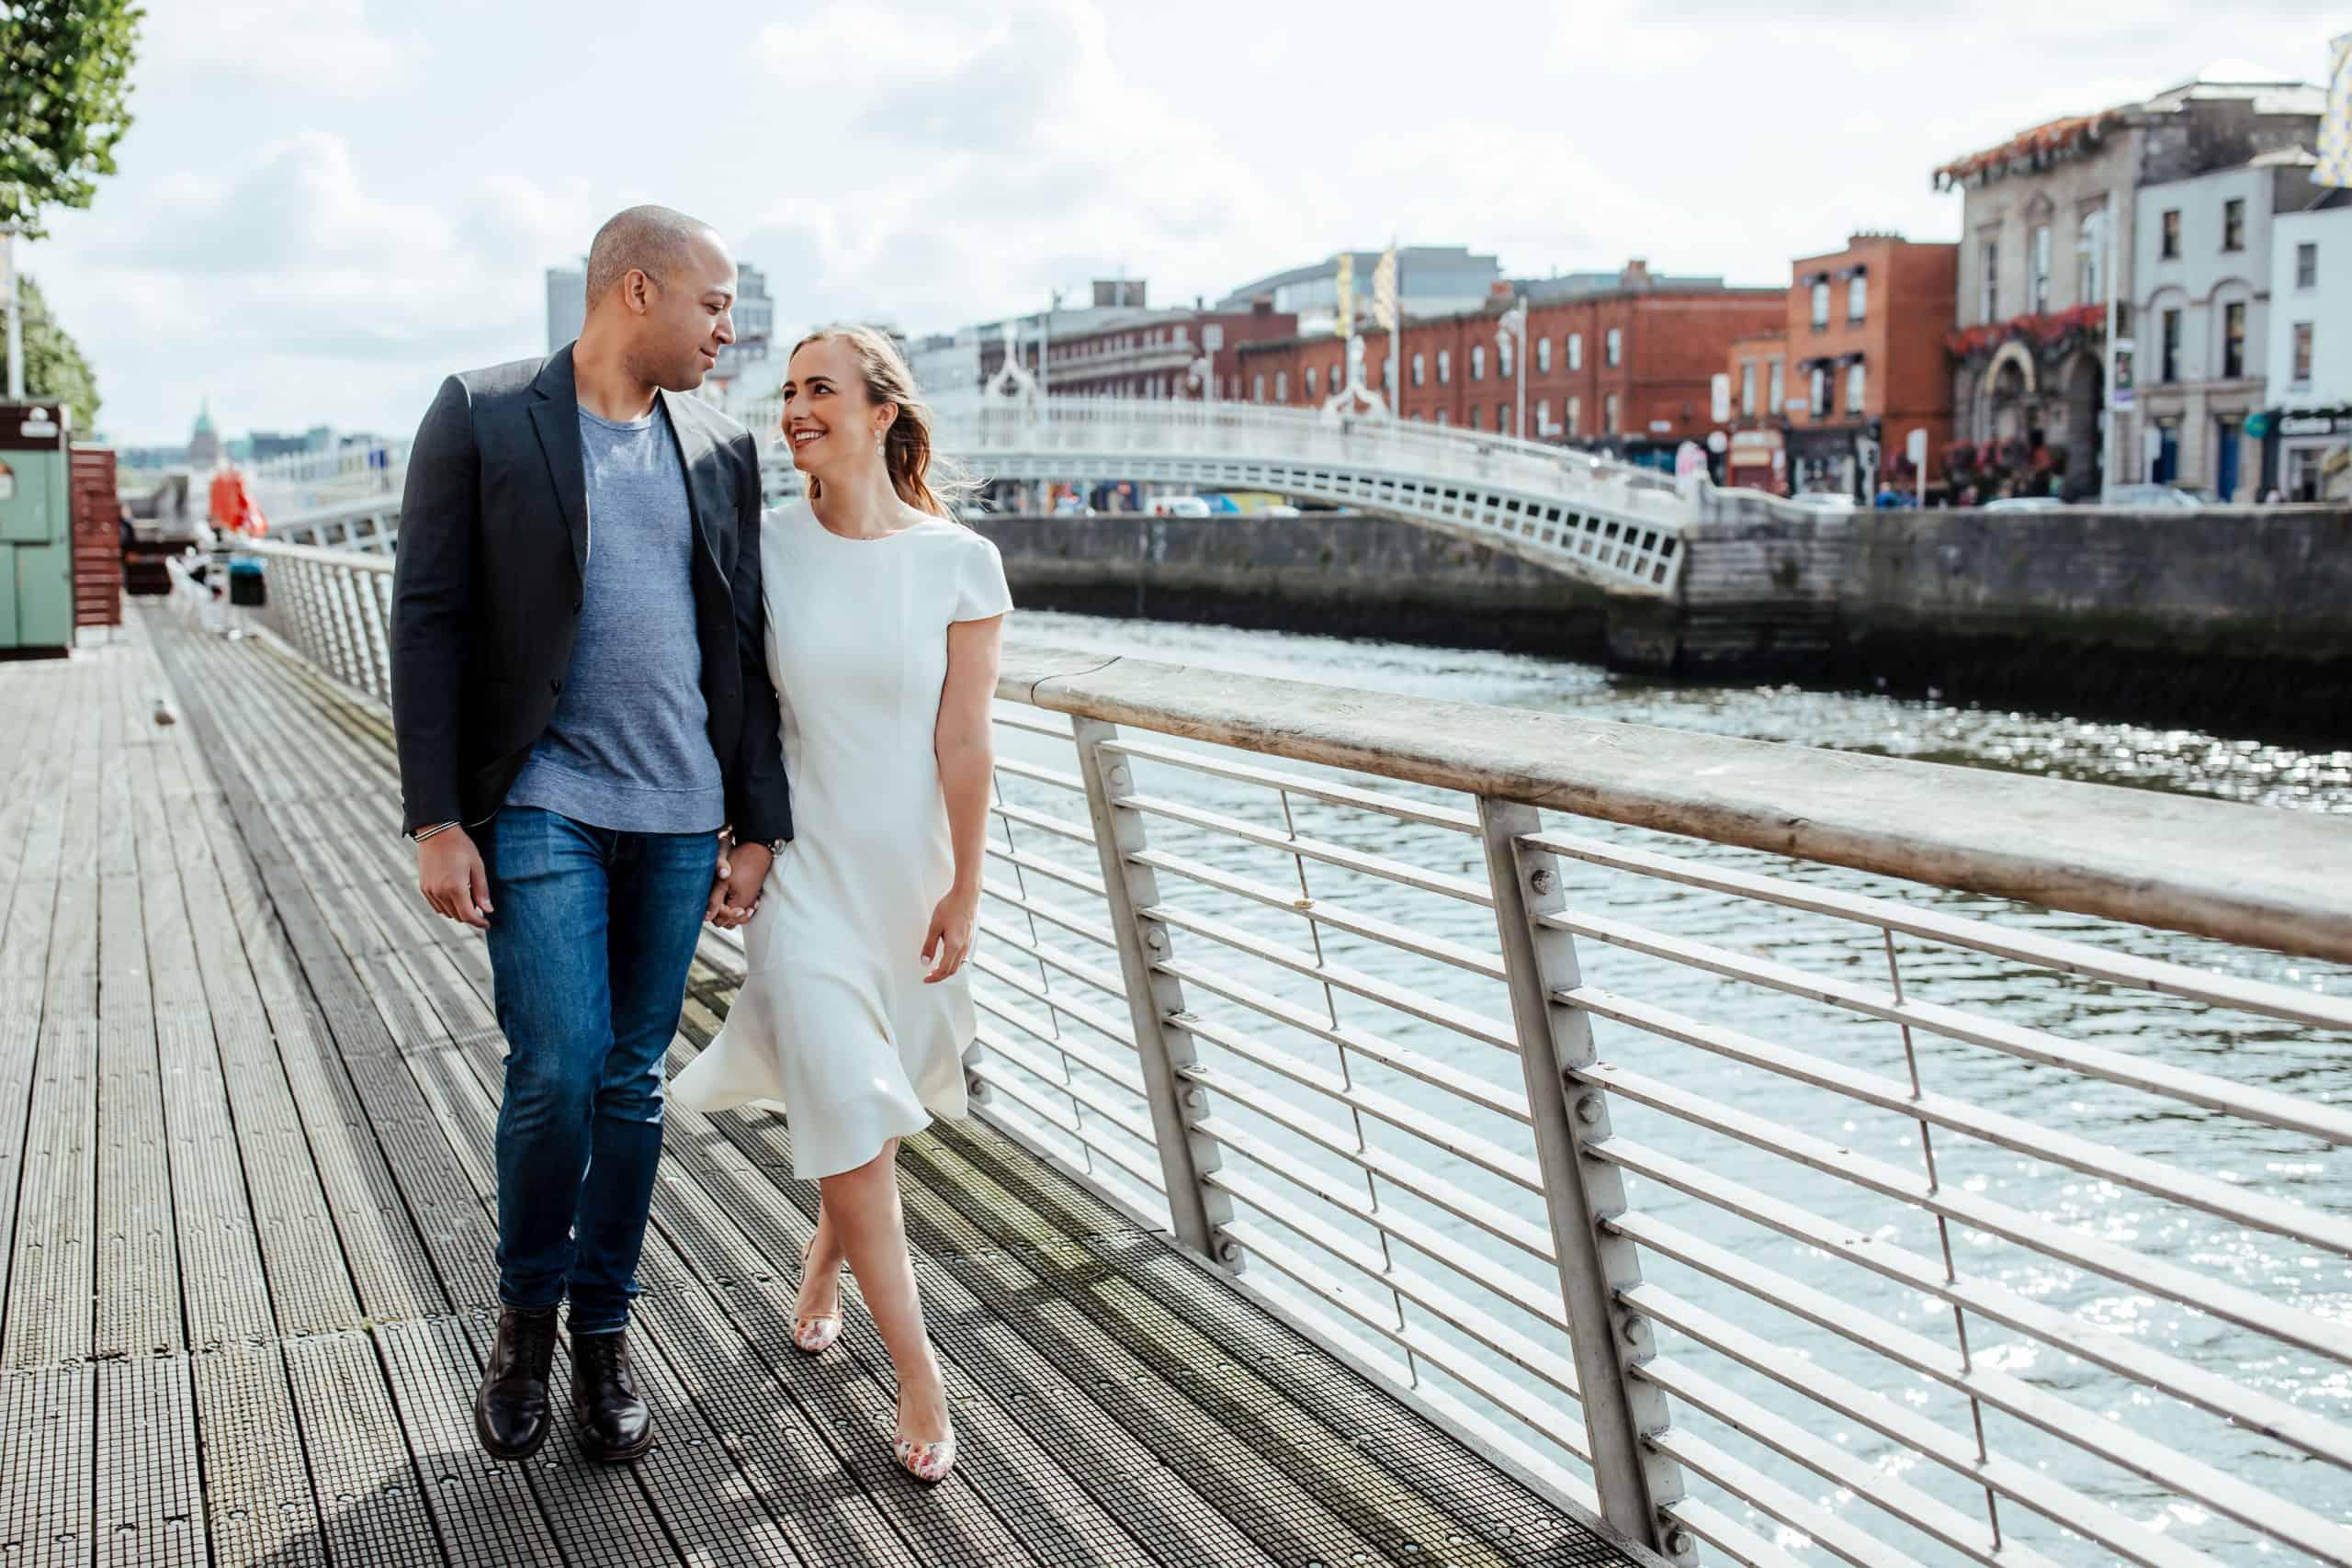 pre-wedding photos in dublin